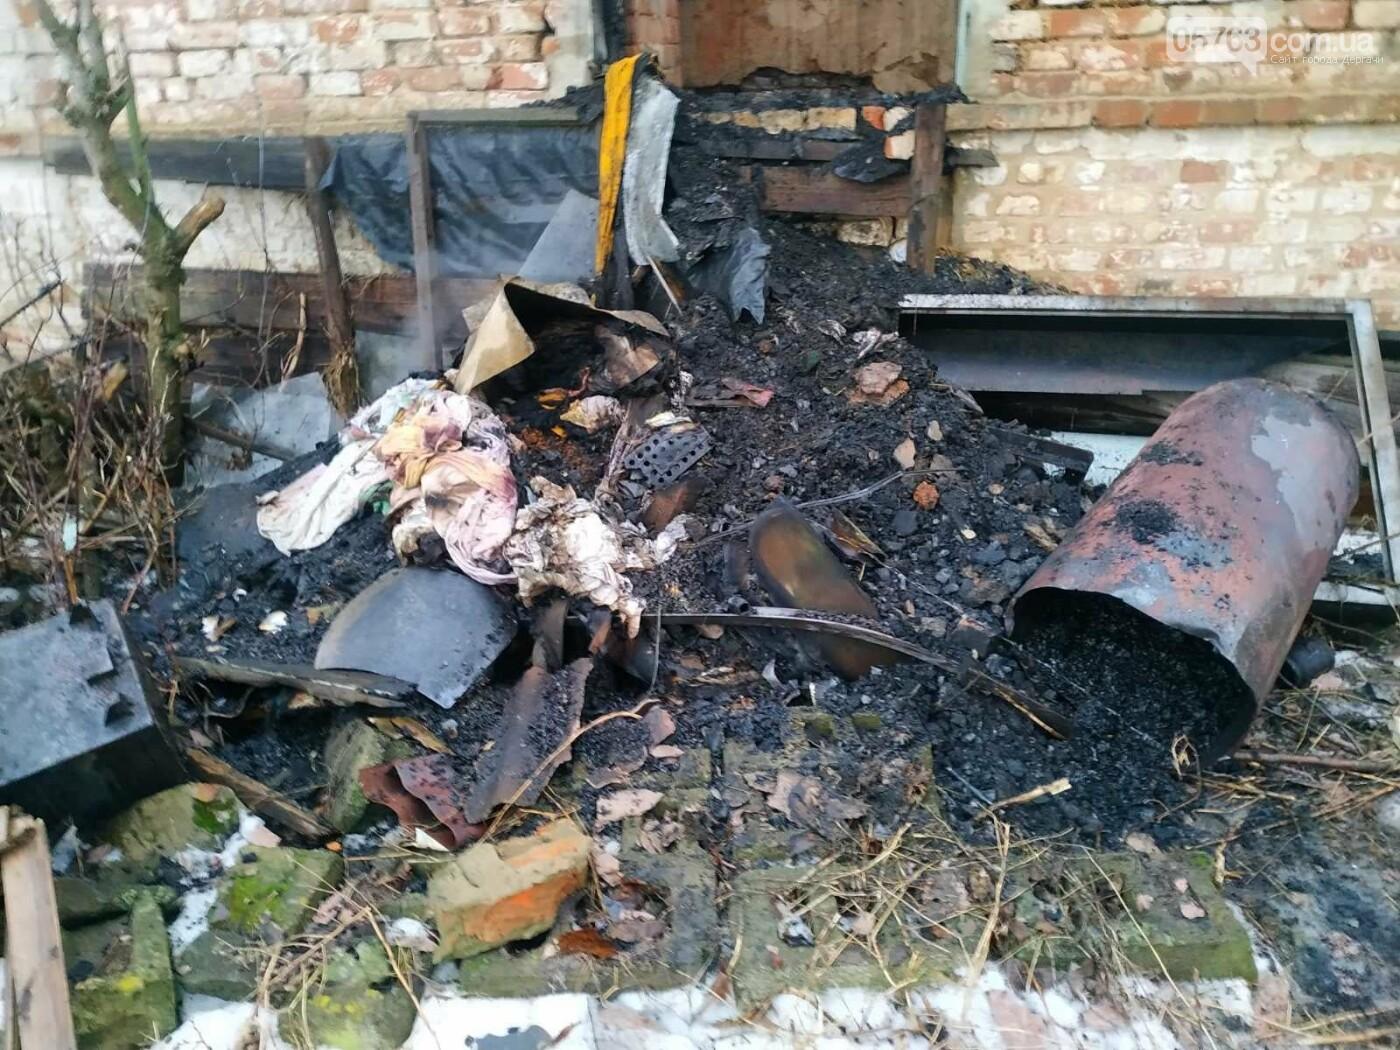 Загорівся приватний будинок: рятувальники знайшли тіло 92-річного чоловіка, - ФОТО, фото-5